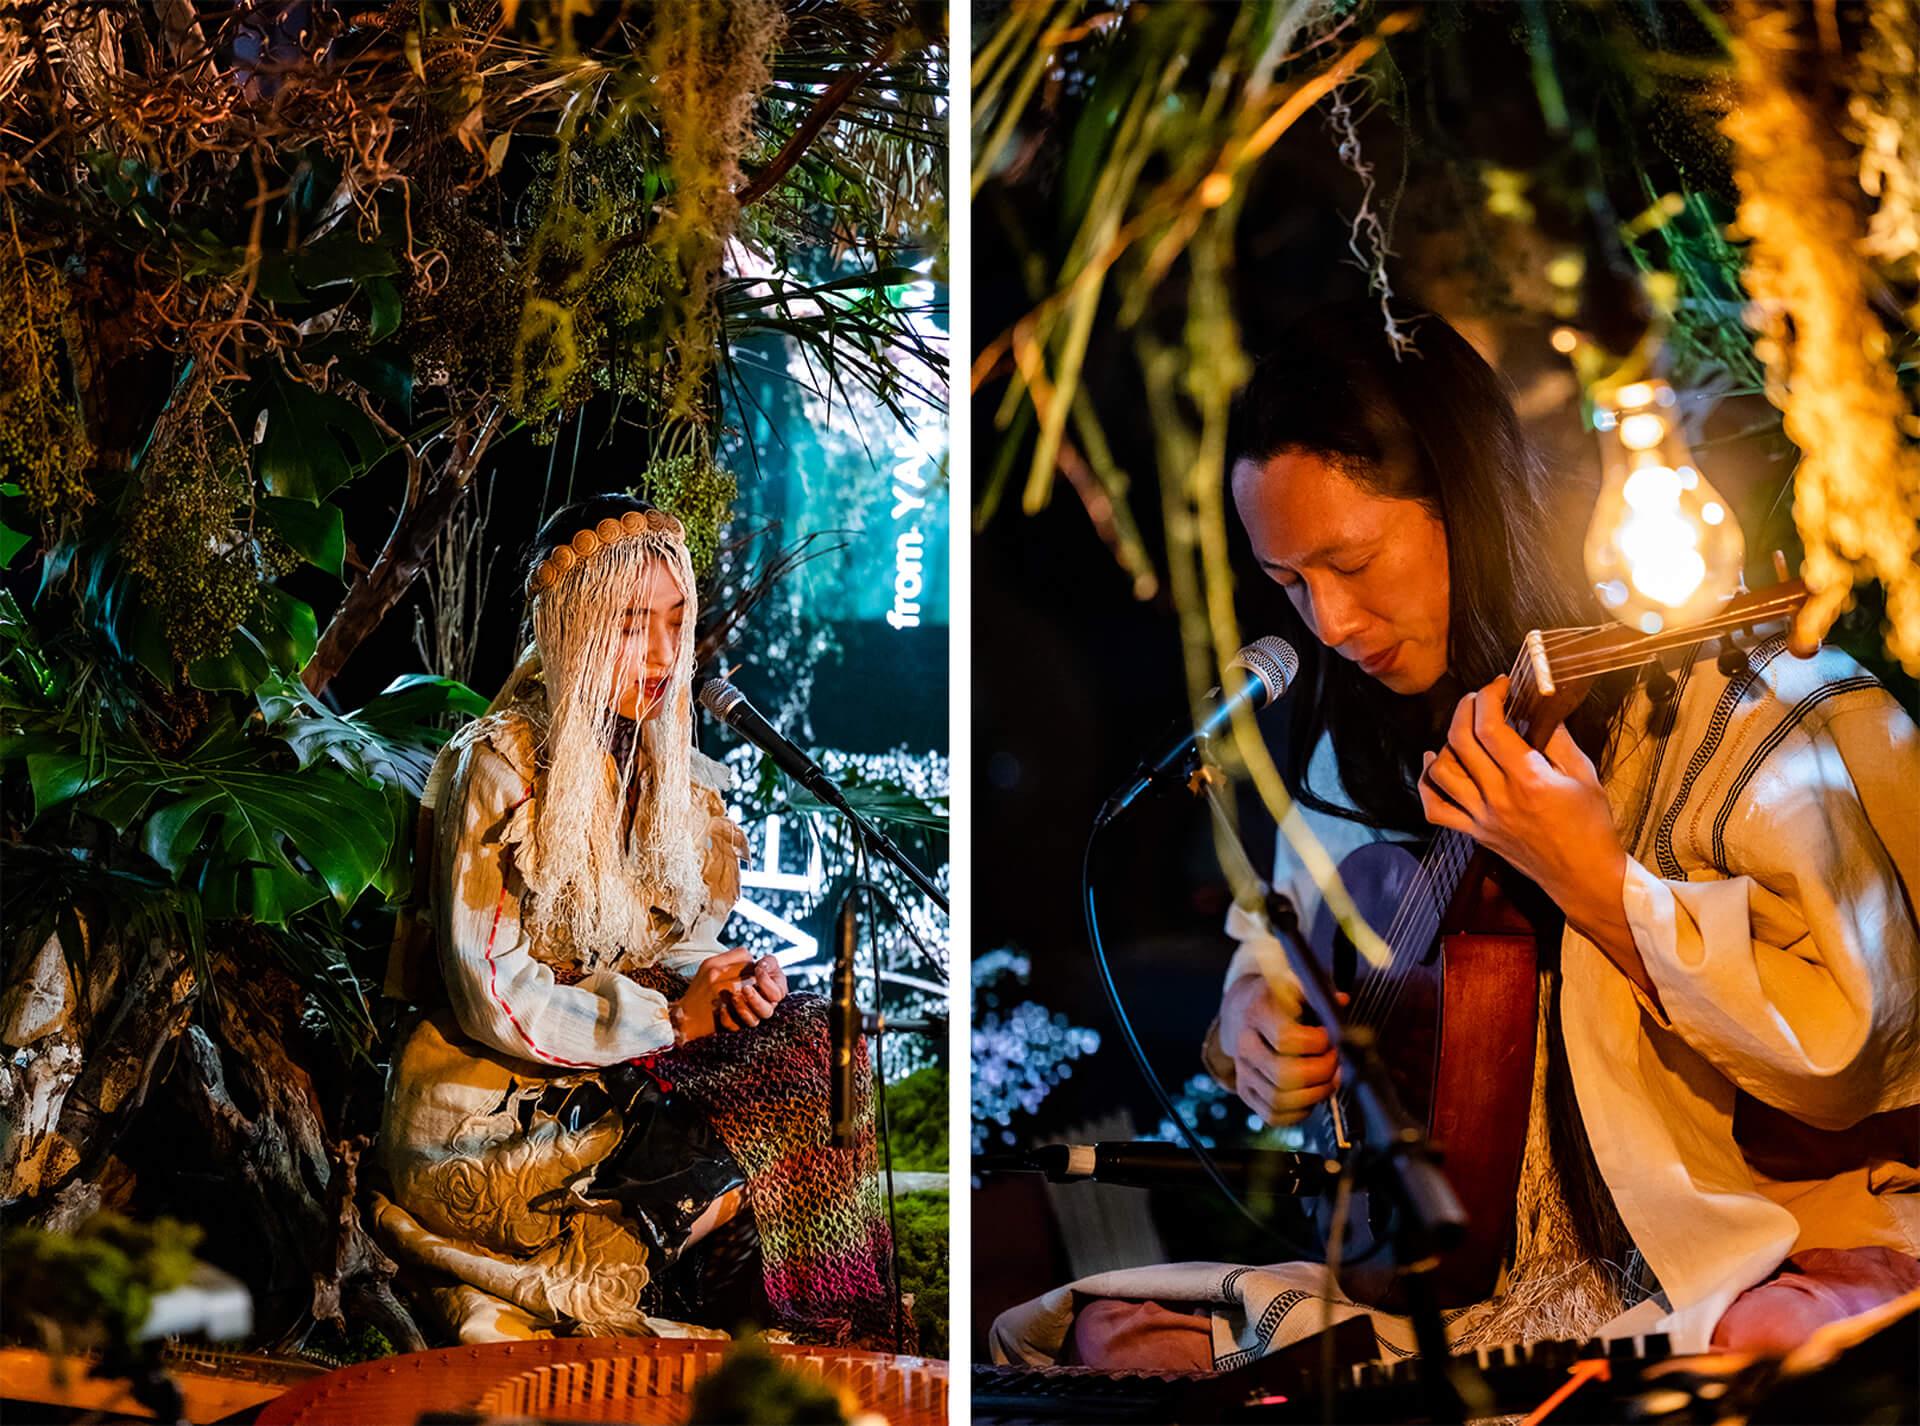 YAKUSHIMA TREASUREの死生観とポストコロナの表現 屋久島の原生林でのライヴ作品『ANOTHER LIVE』に迫る music210219_yakushimatreasure_002